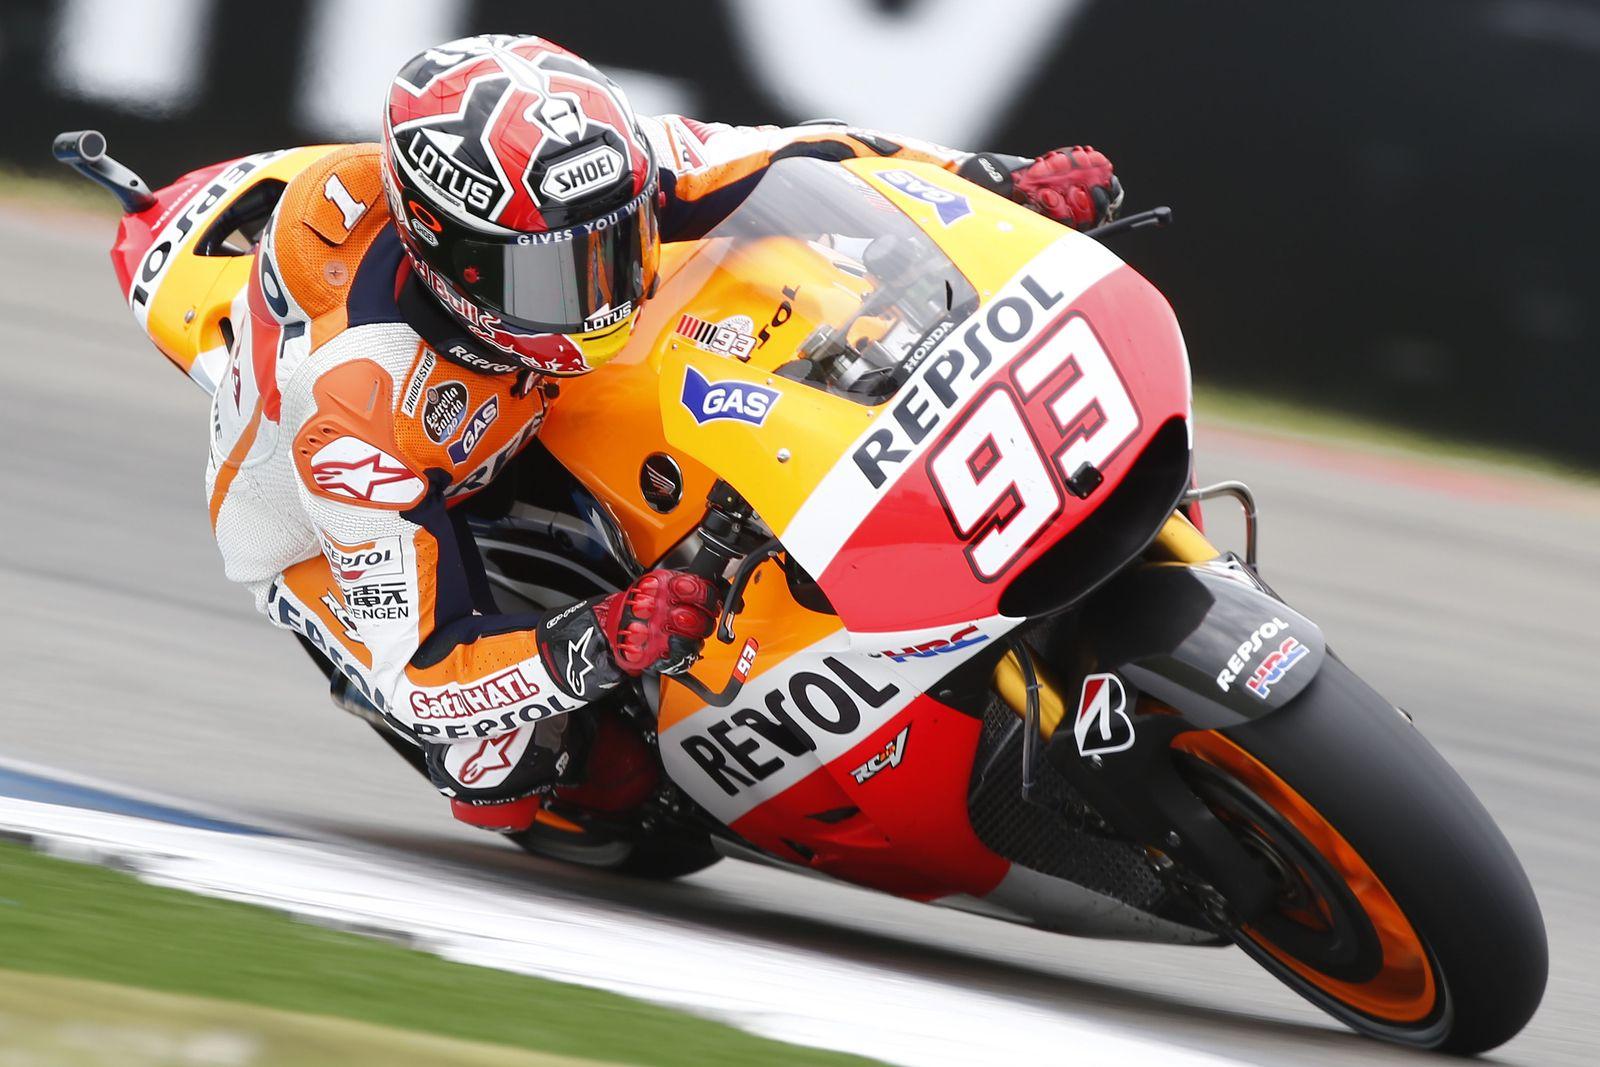 Marquez Assen MotoGP